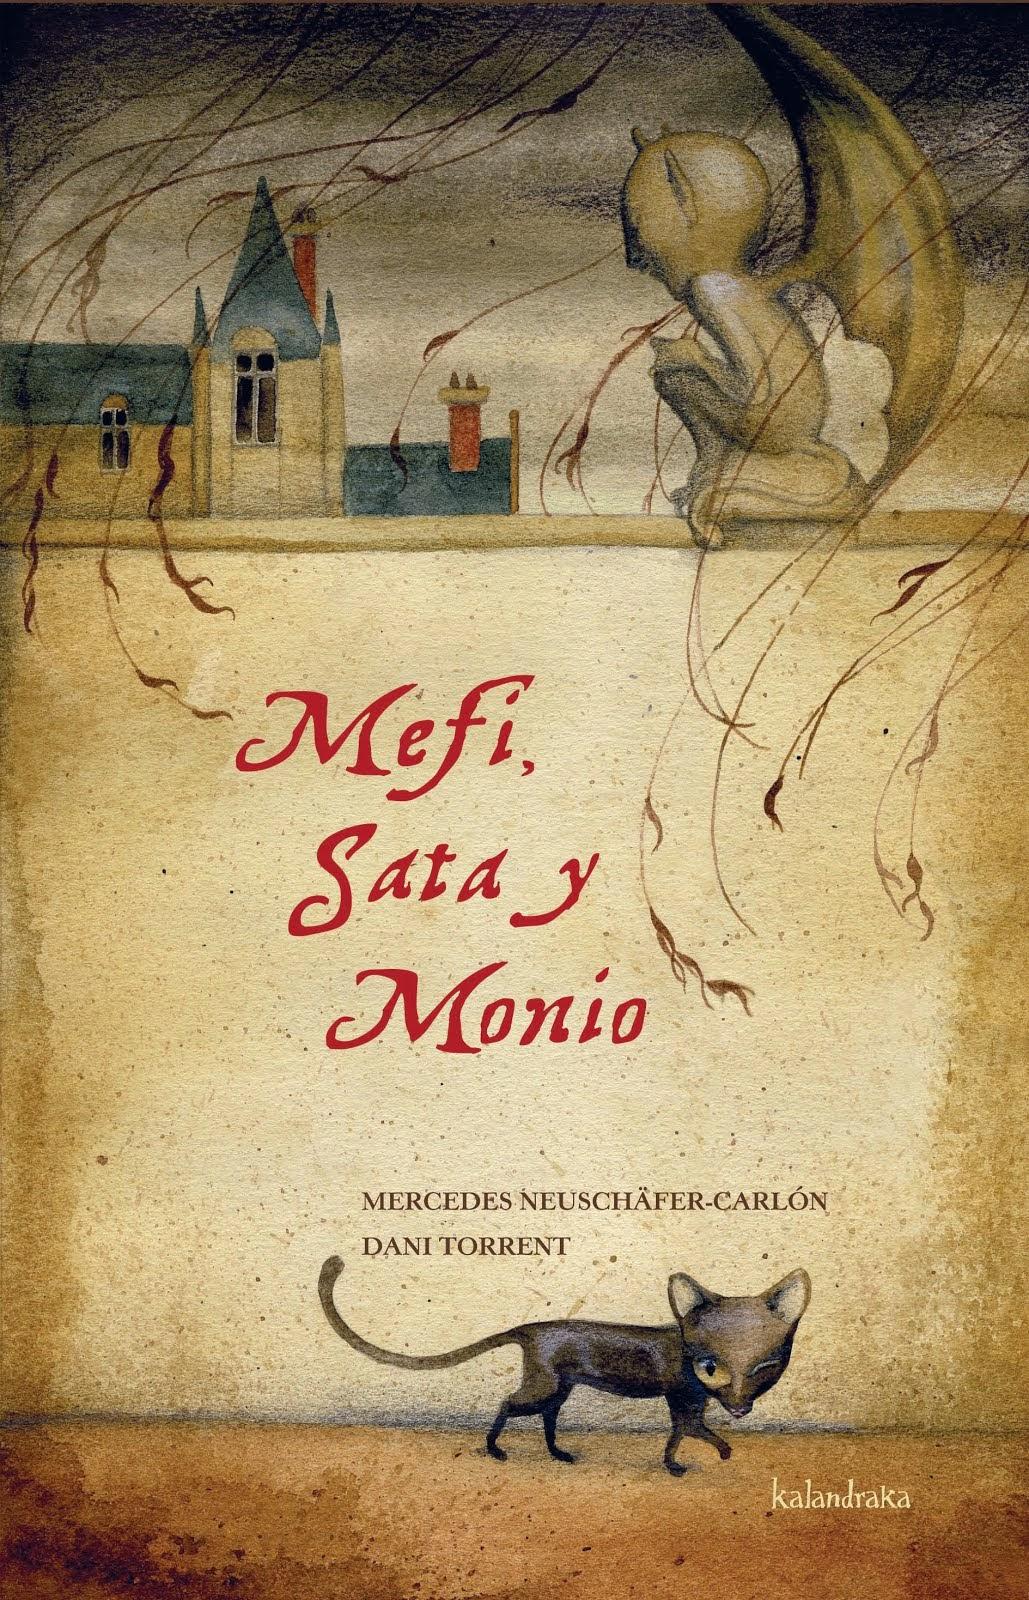 Mefi, Sata y Monio